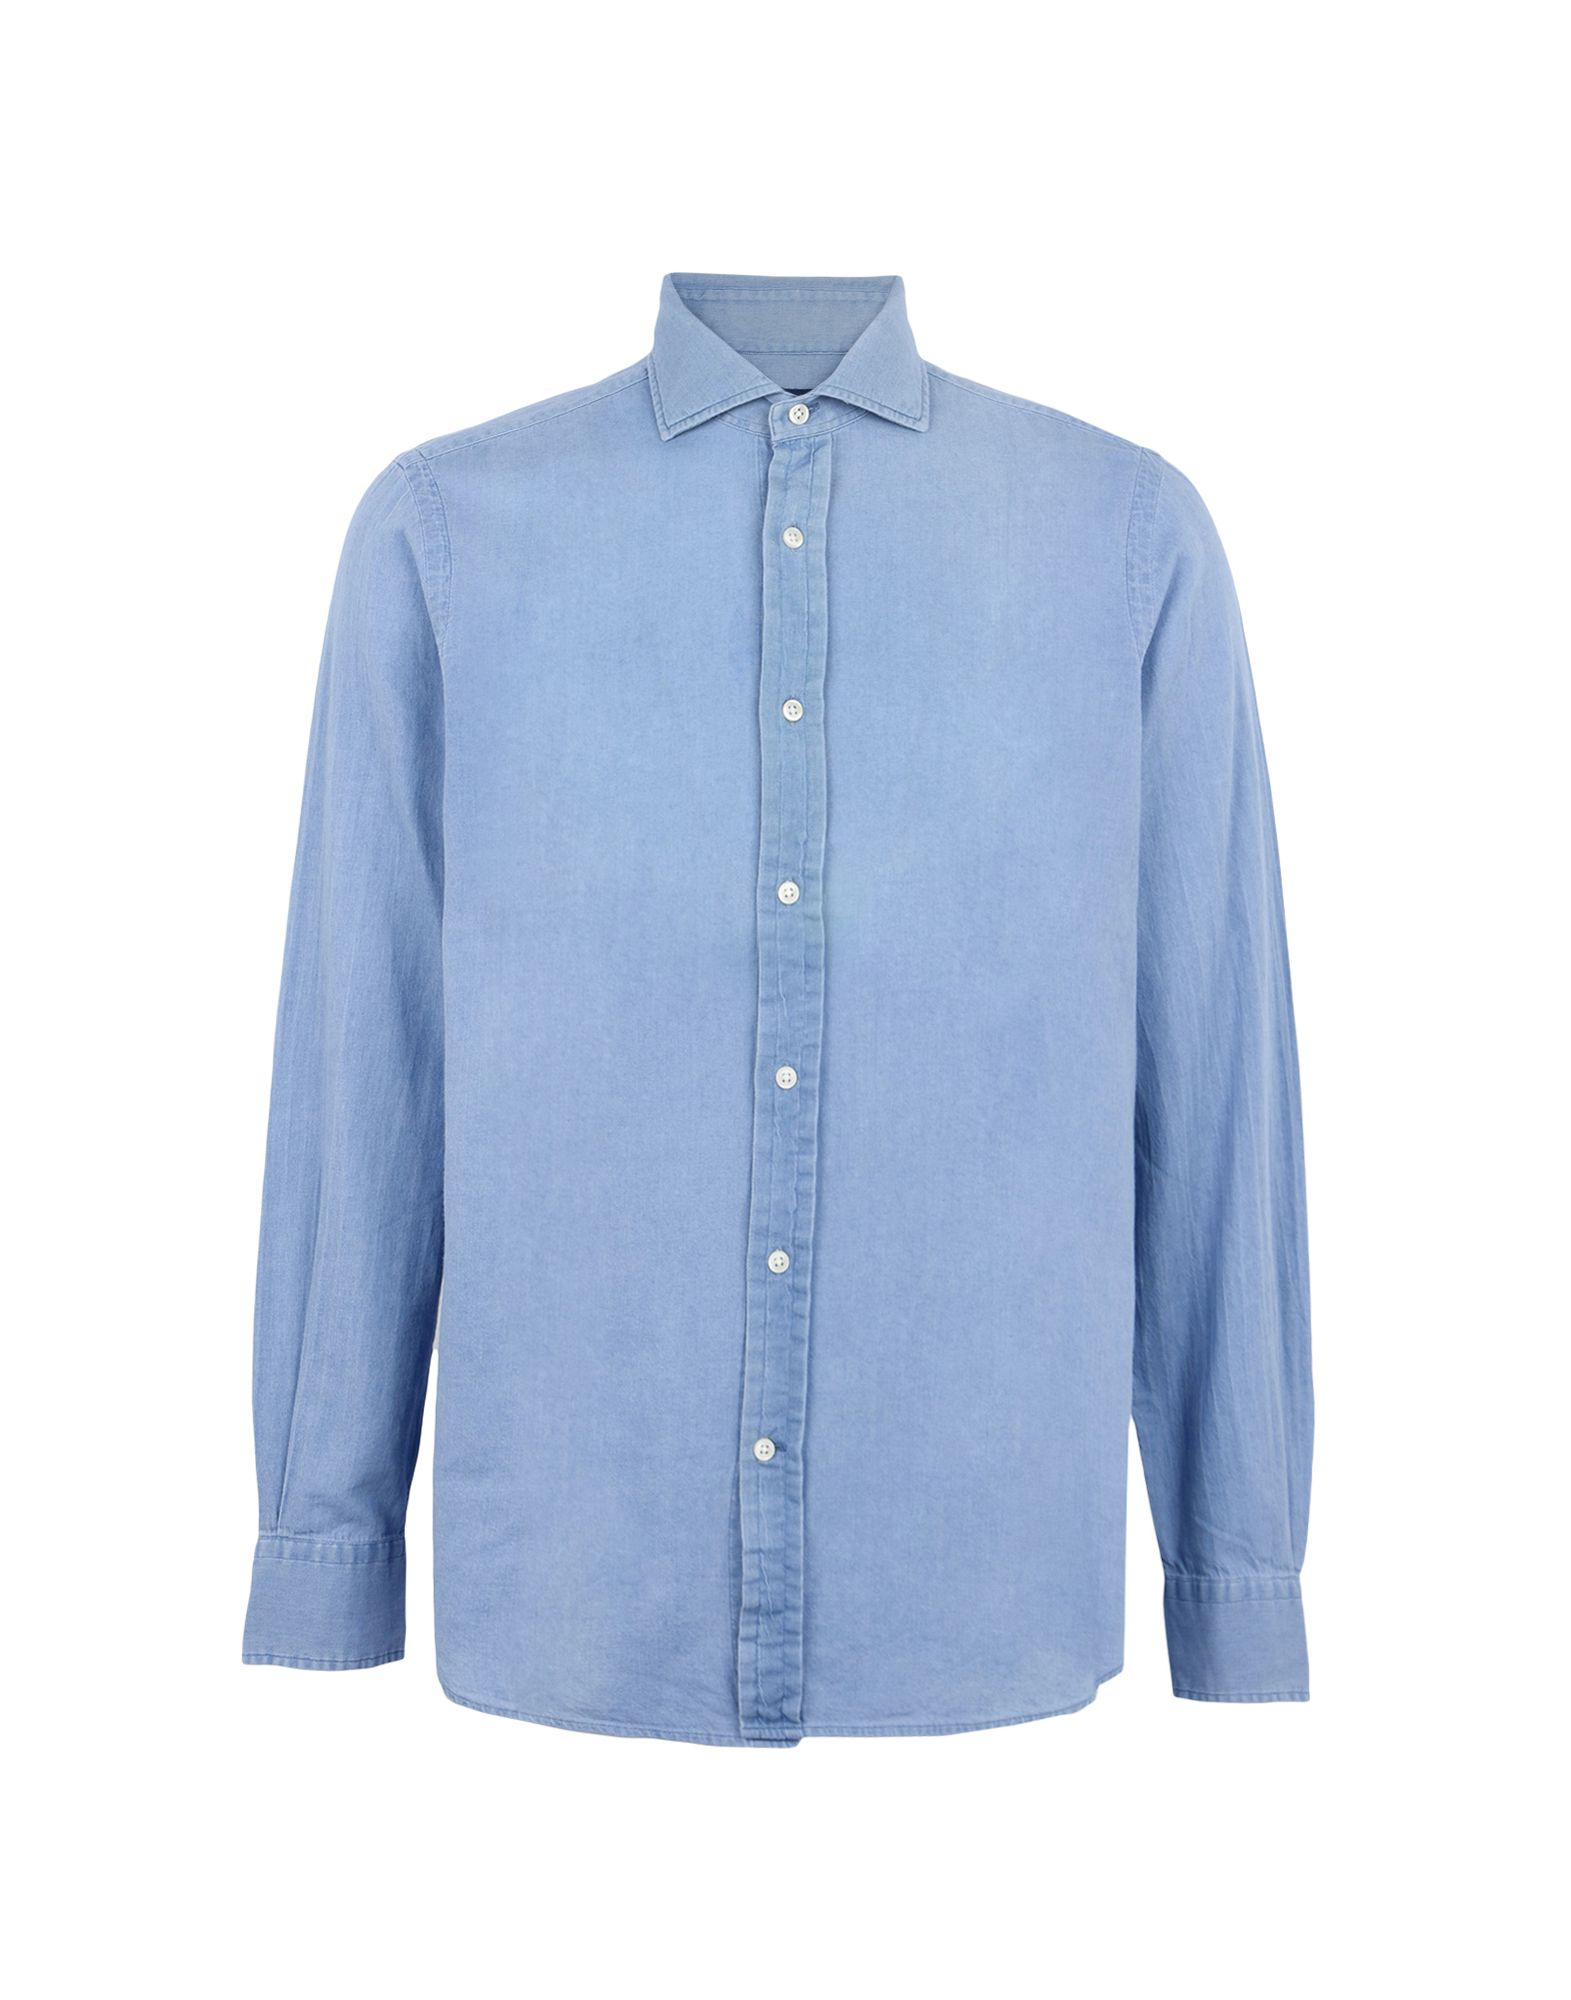 Camicia Jeans Polo Ralph Lauren Twill Shirt - Uomo - Acquista online su